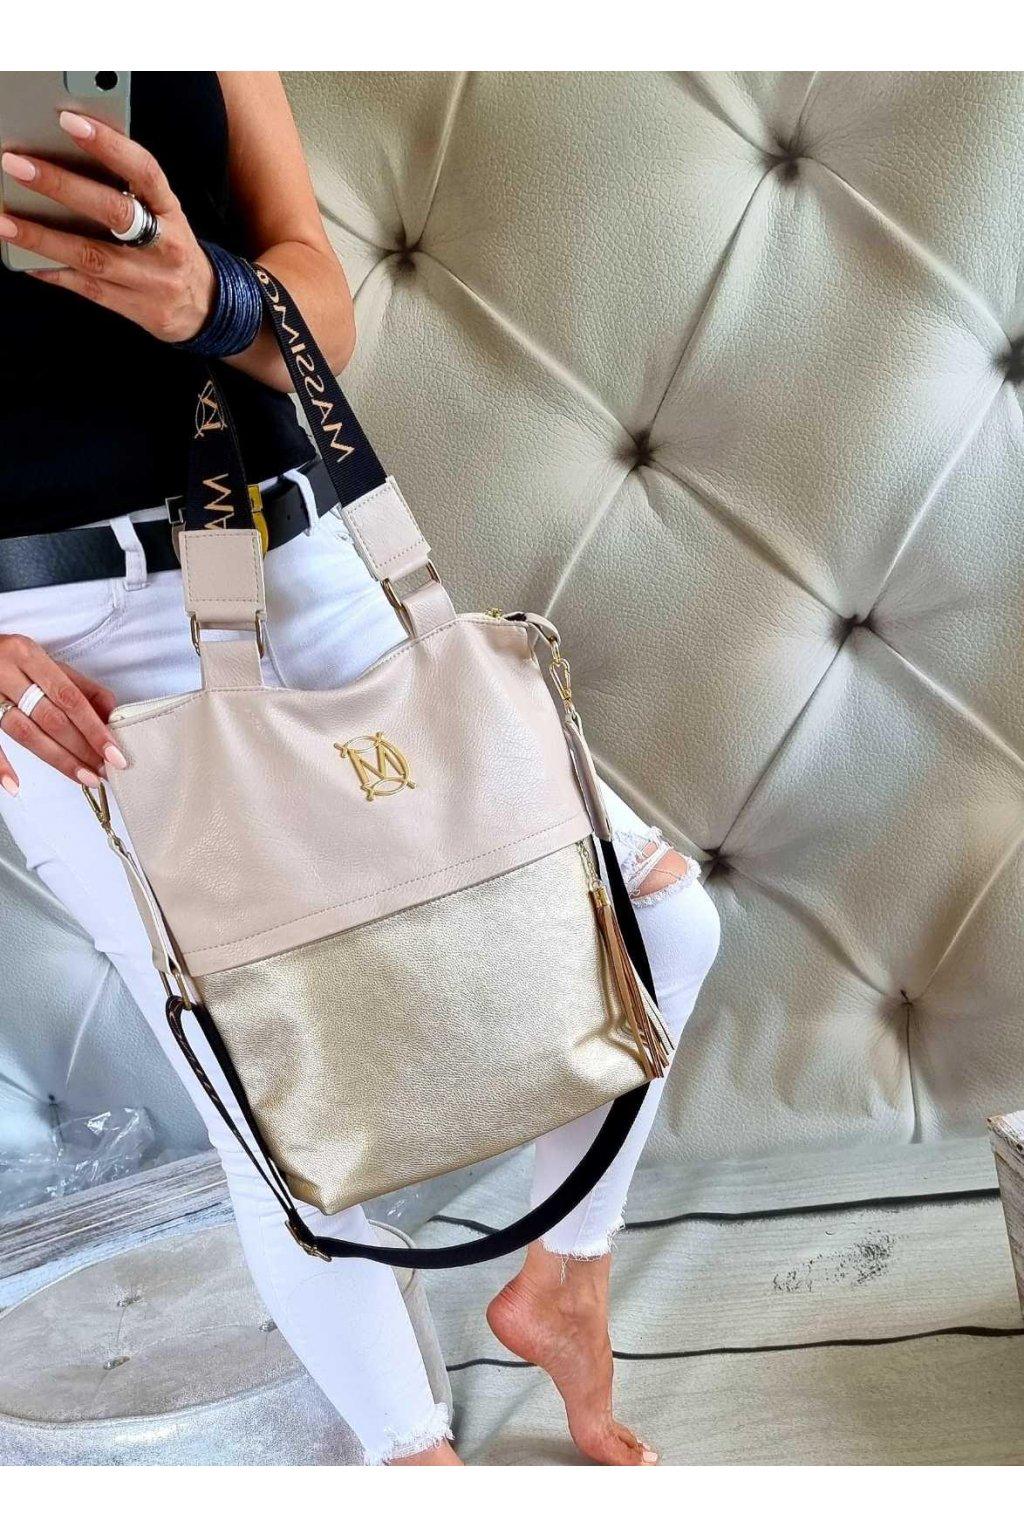 kabelka massimo contti béžovozlatá značková luxusní kabelka trendy